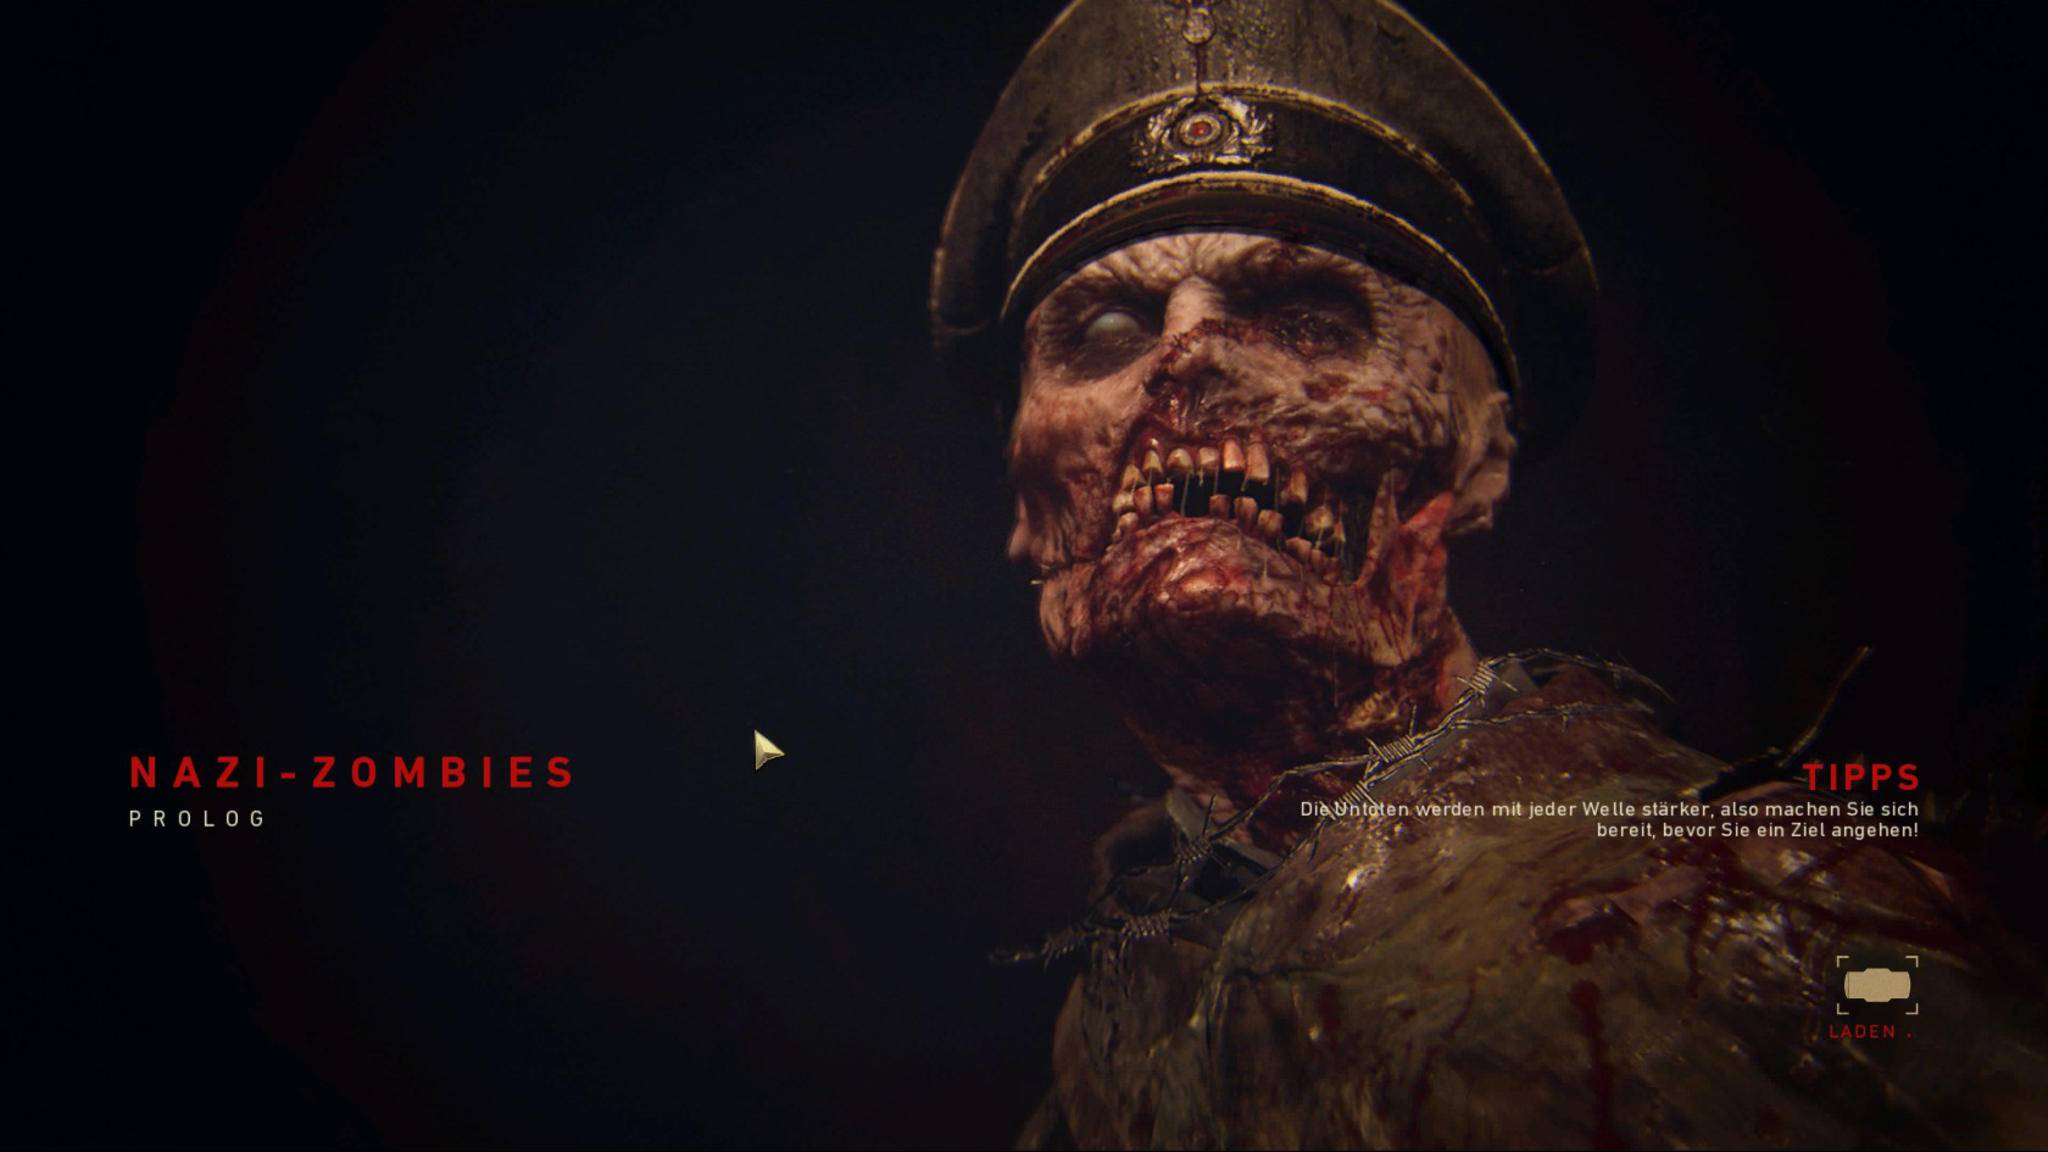 Die Nazi-Zombies sind unerfreuliche Gegner ...